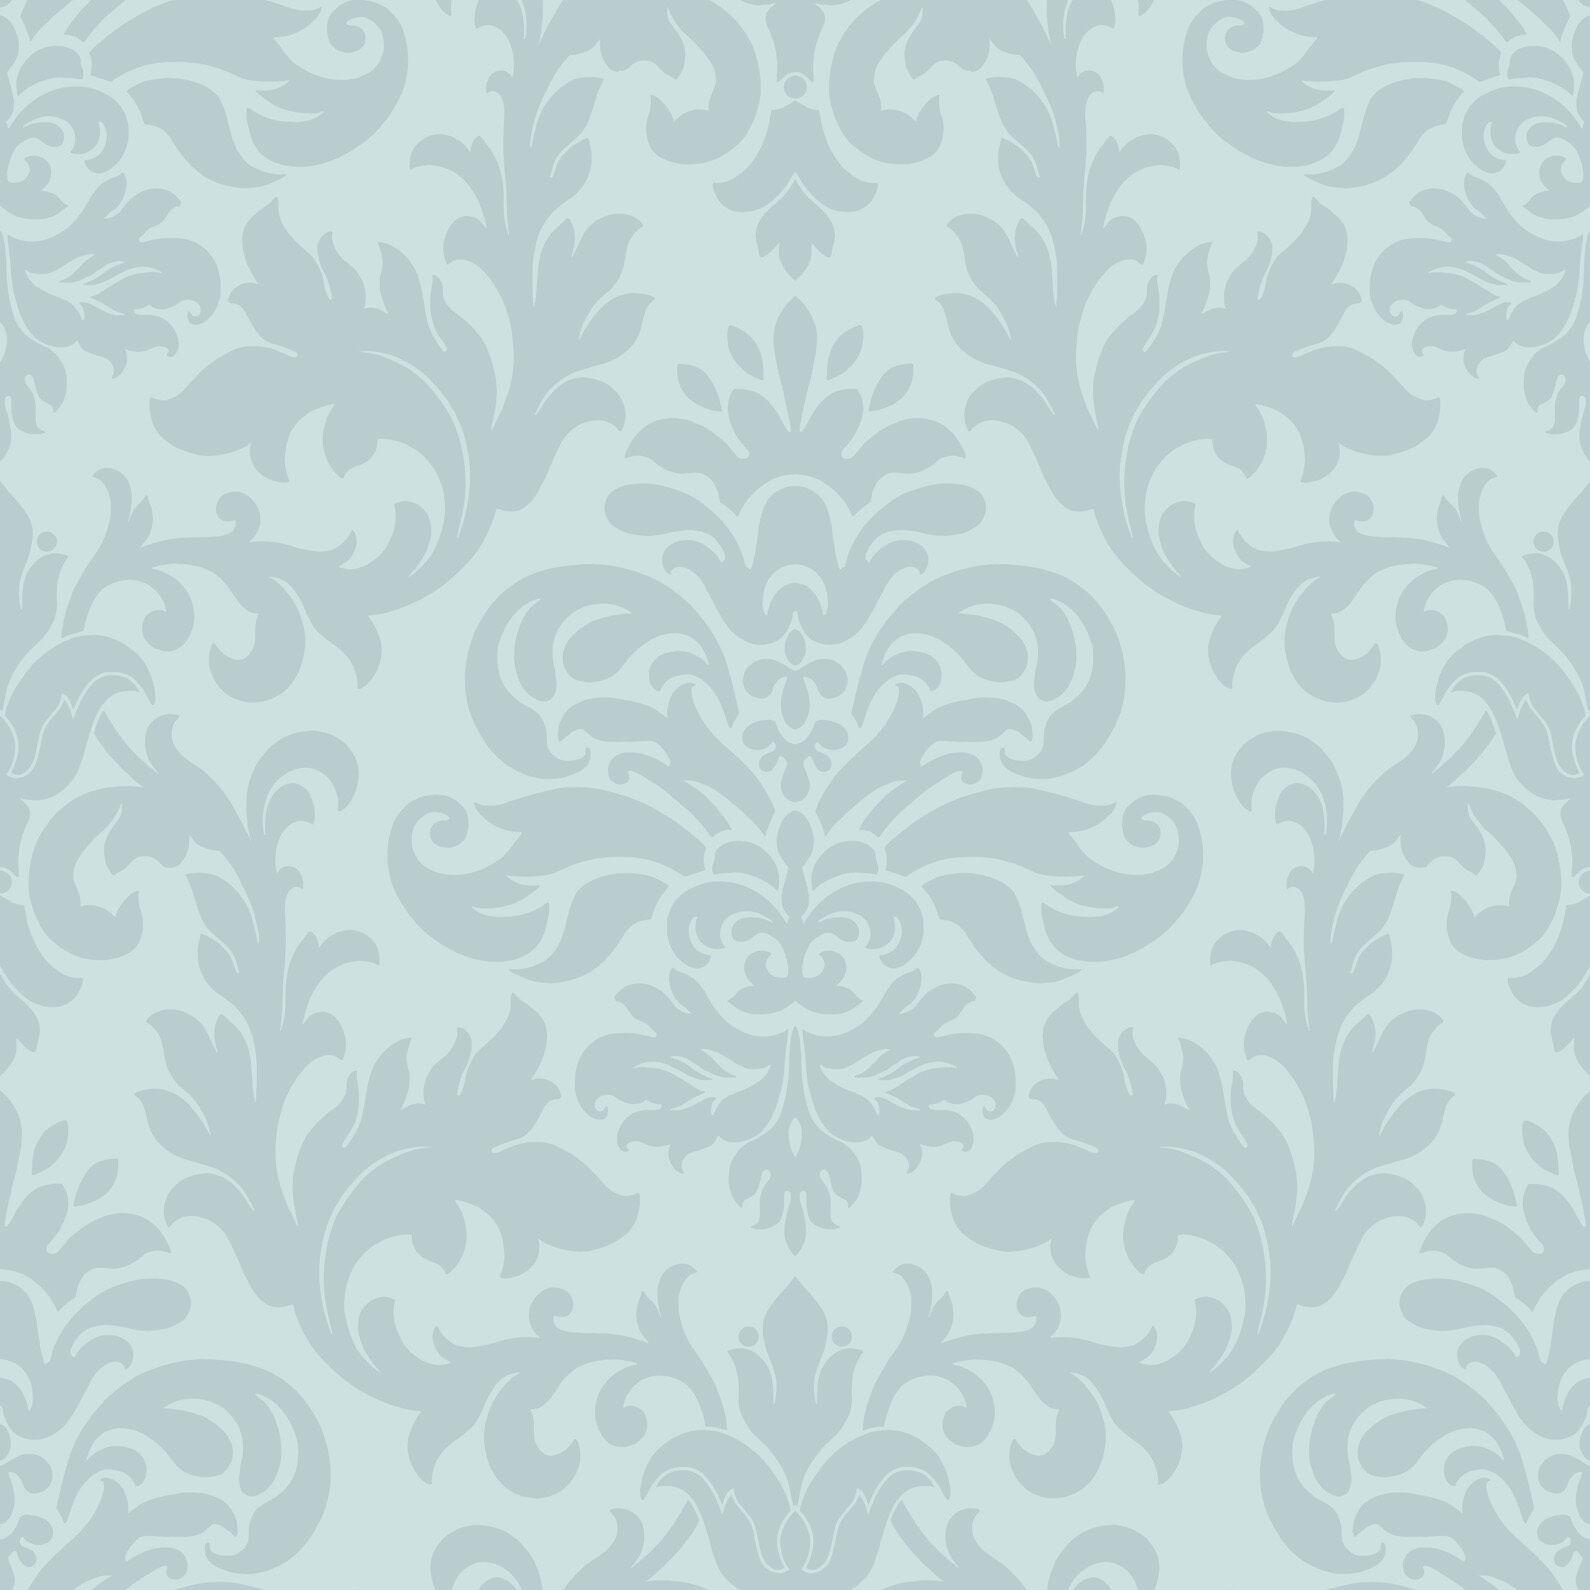 Duck Egg Blue Teal Damask Pattern Designer Feature